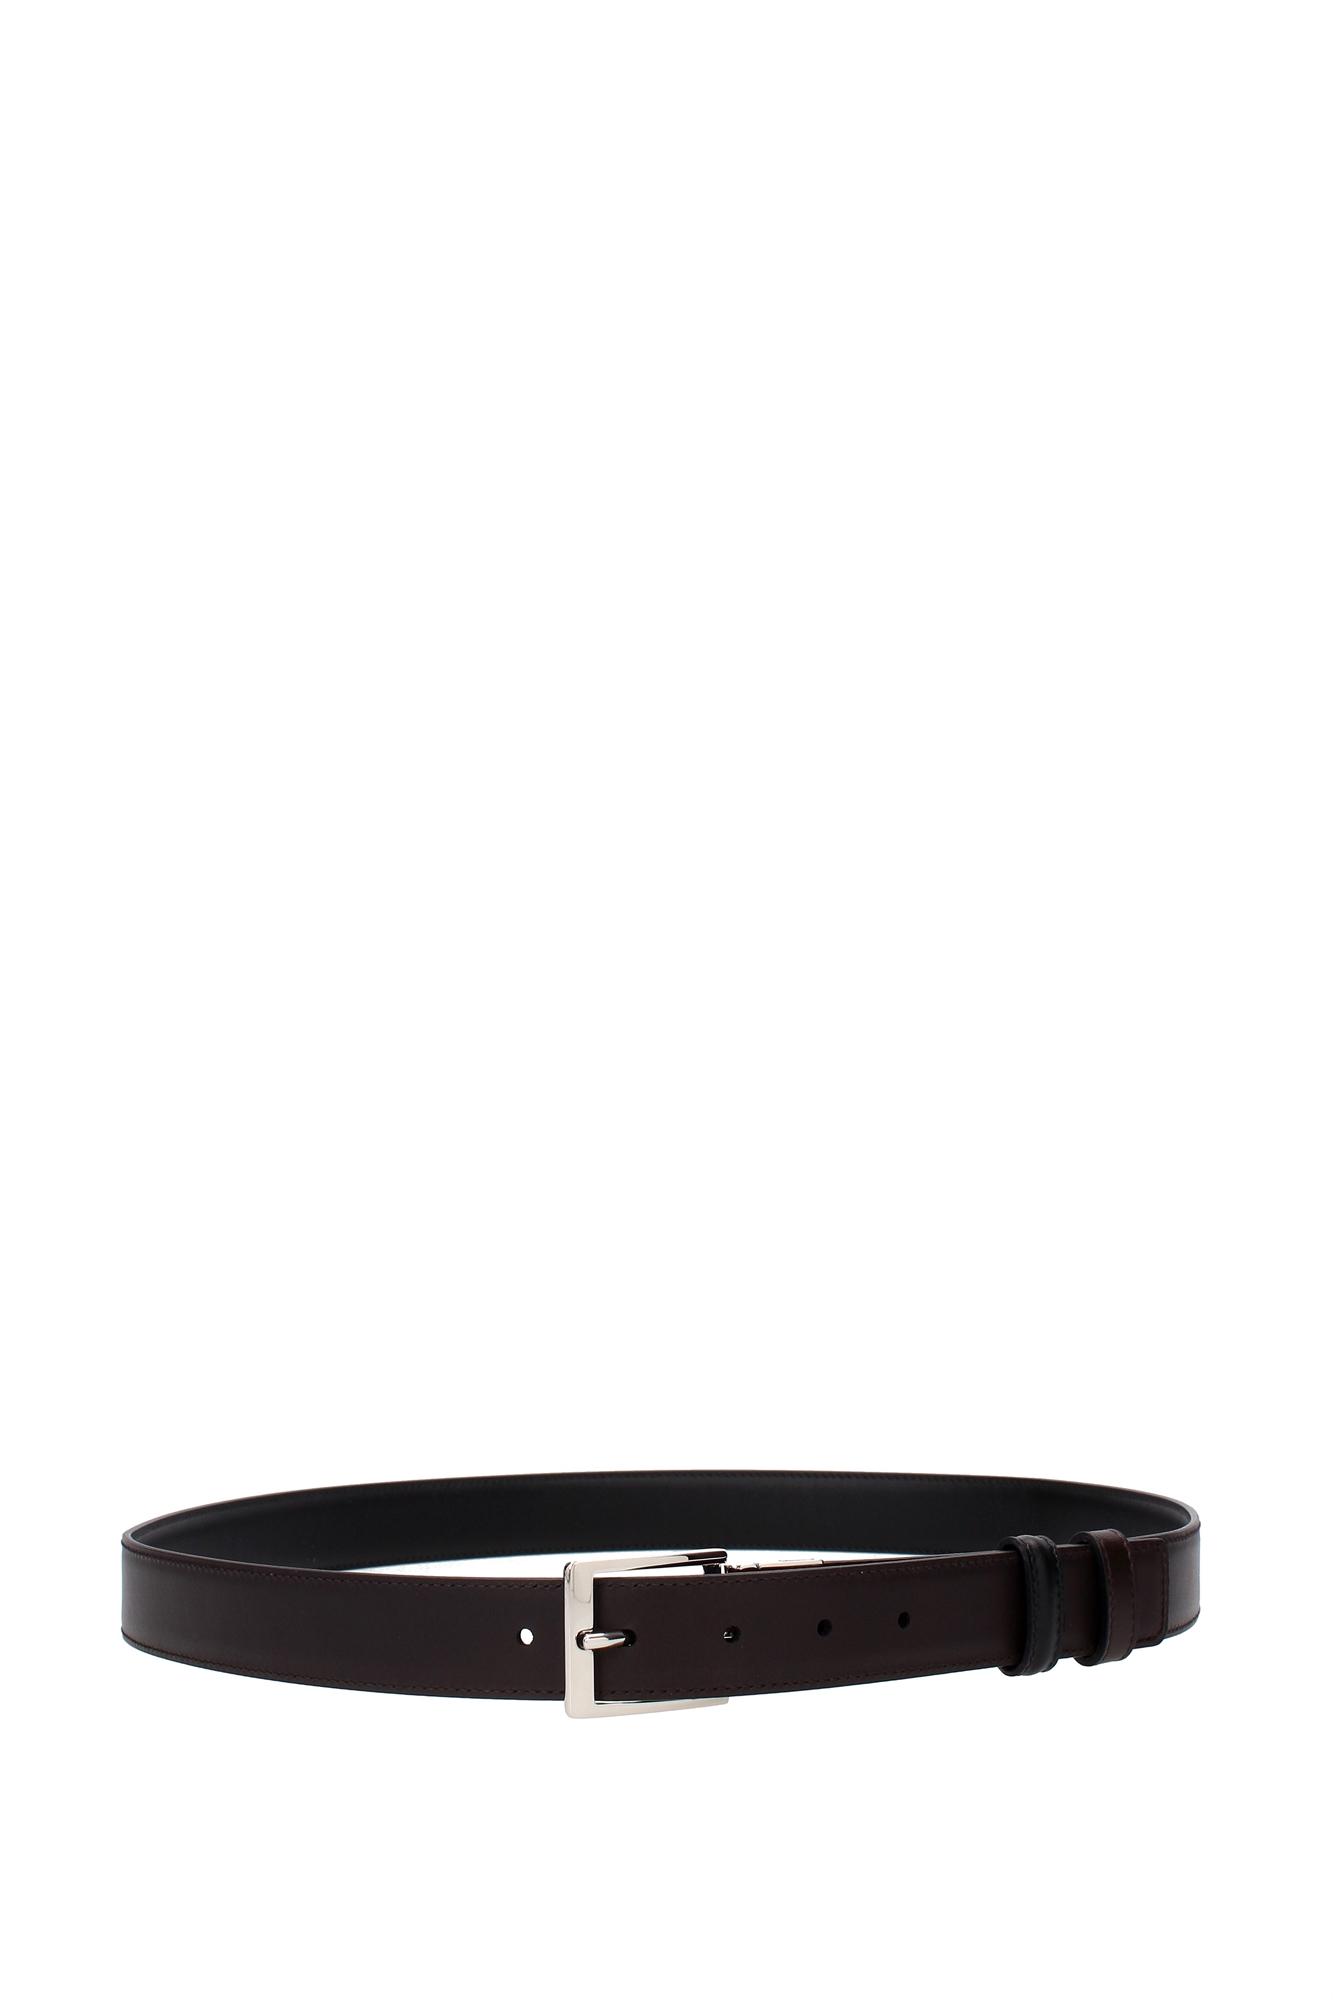 molto carino 6284f fb2ca compra nuove serie ebay cintura gucci